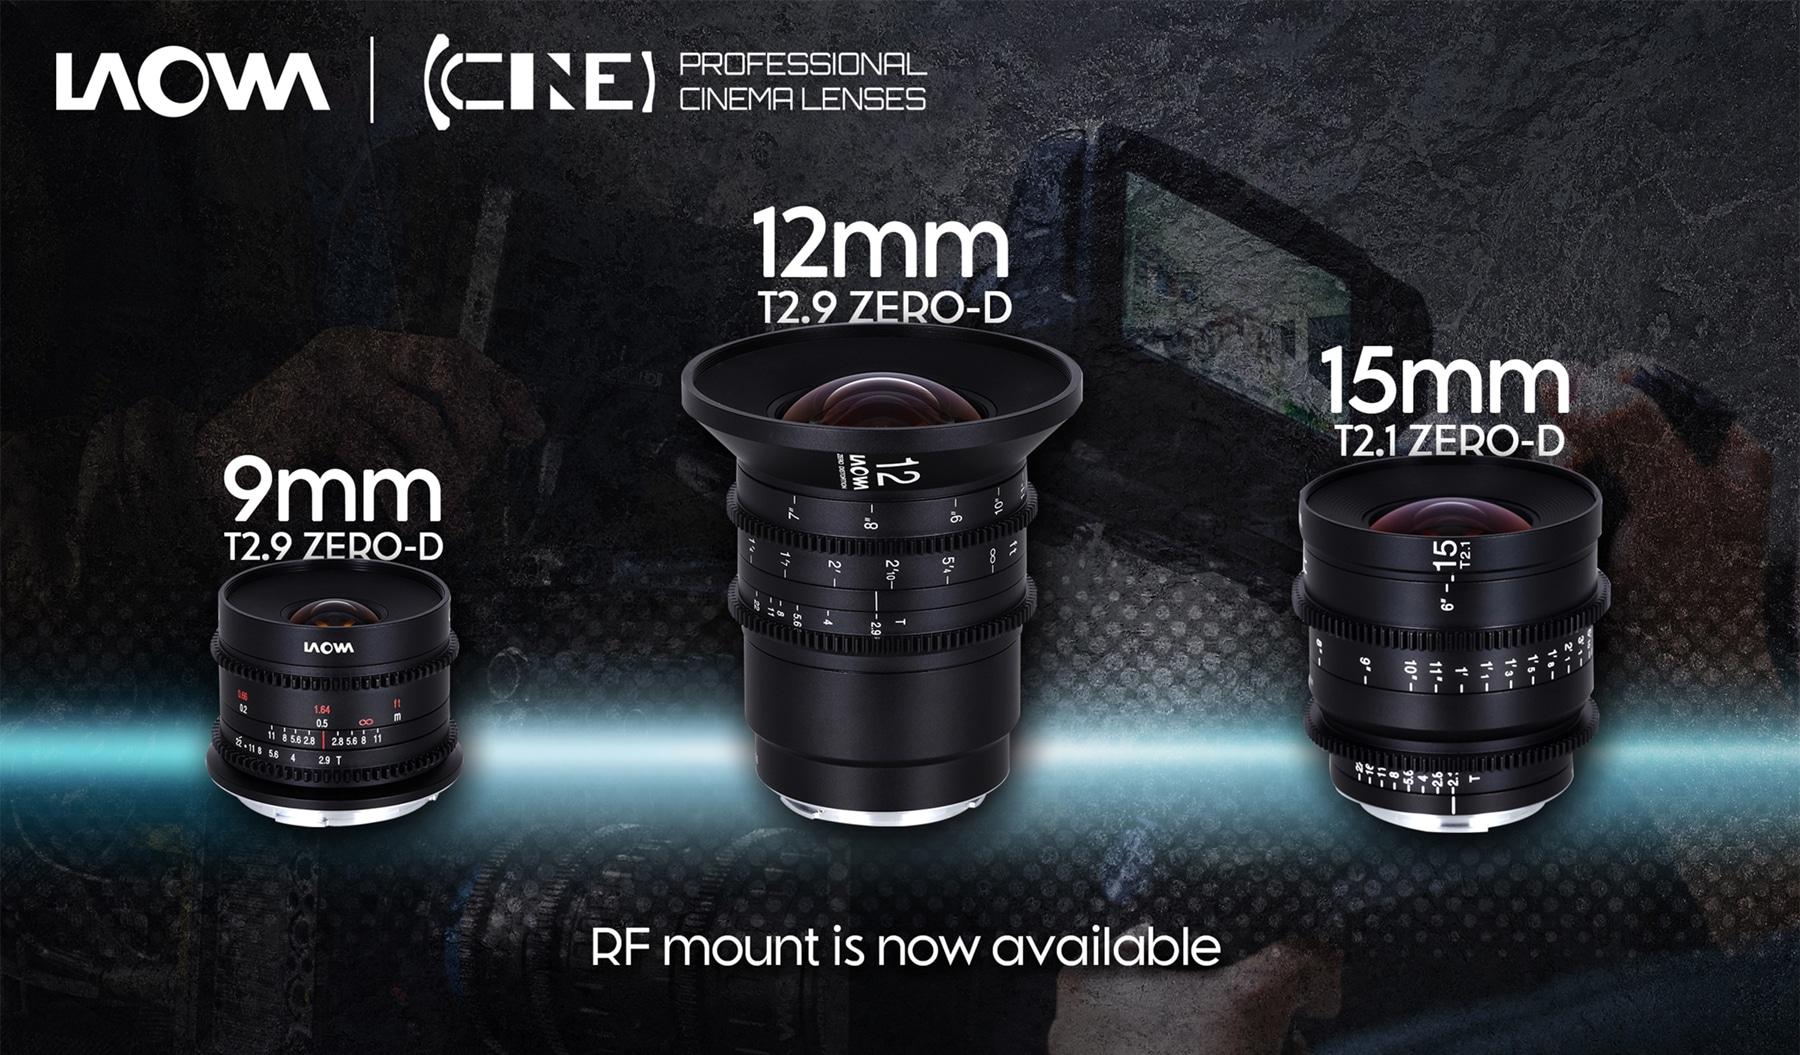 Venus Optics ra mắt các ống kính một tiêu cự Laowa 9mm T2.9, 12mm T2.9 và 15mm T2.1 cho hệ máy Canon ngàm RF